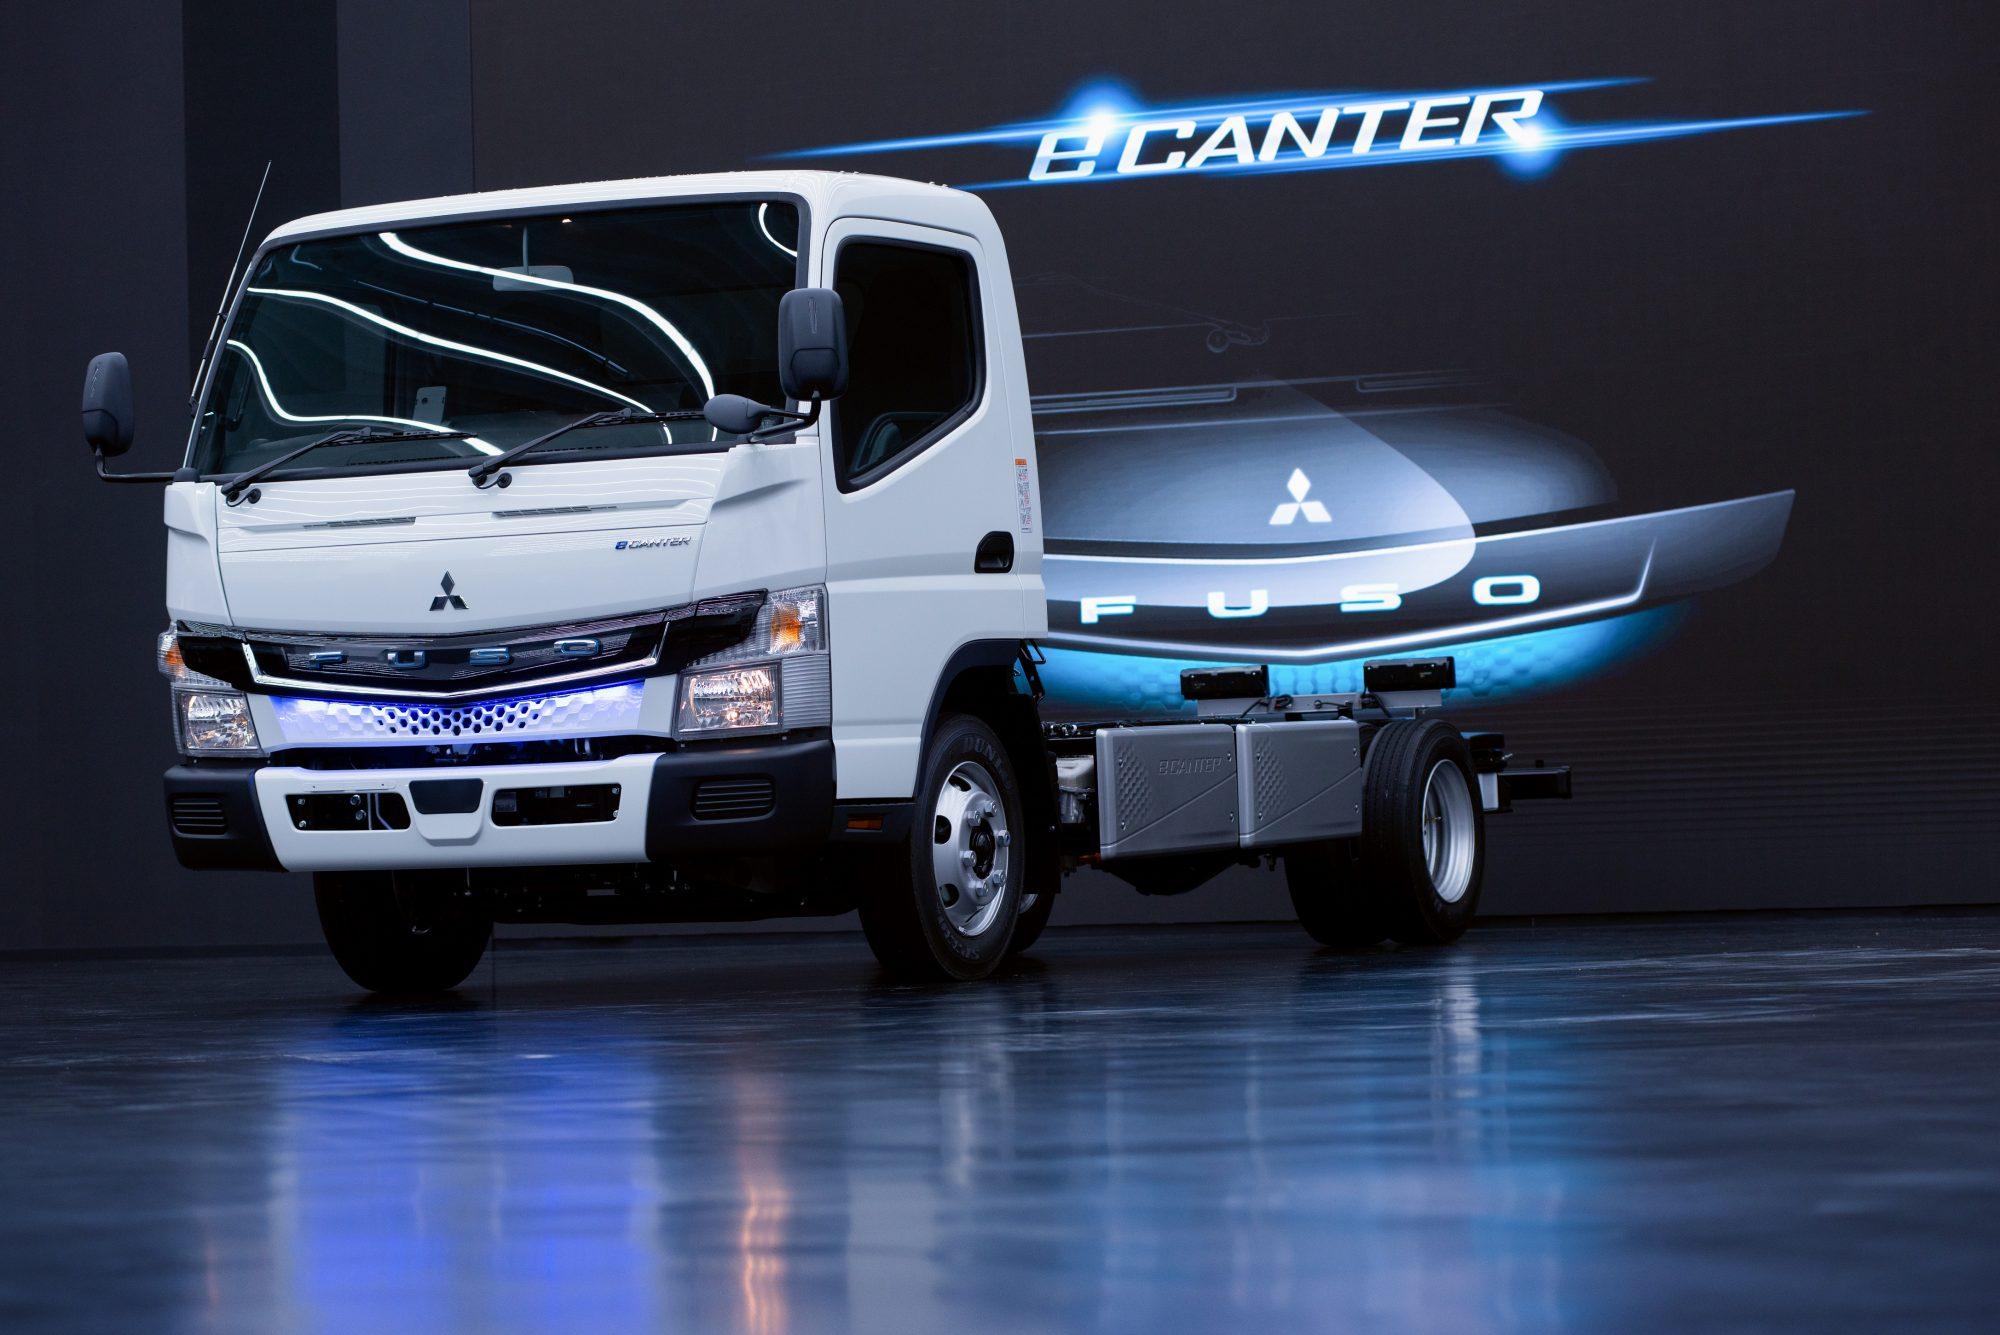 電気小型トラック「eCanter」: 納車台数がグローバルで200台に到達の概要写真